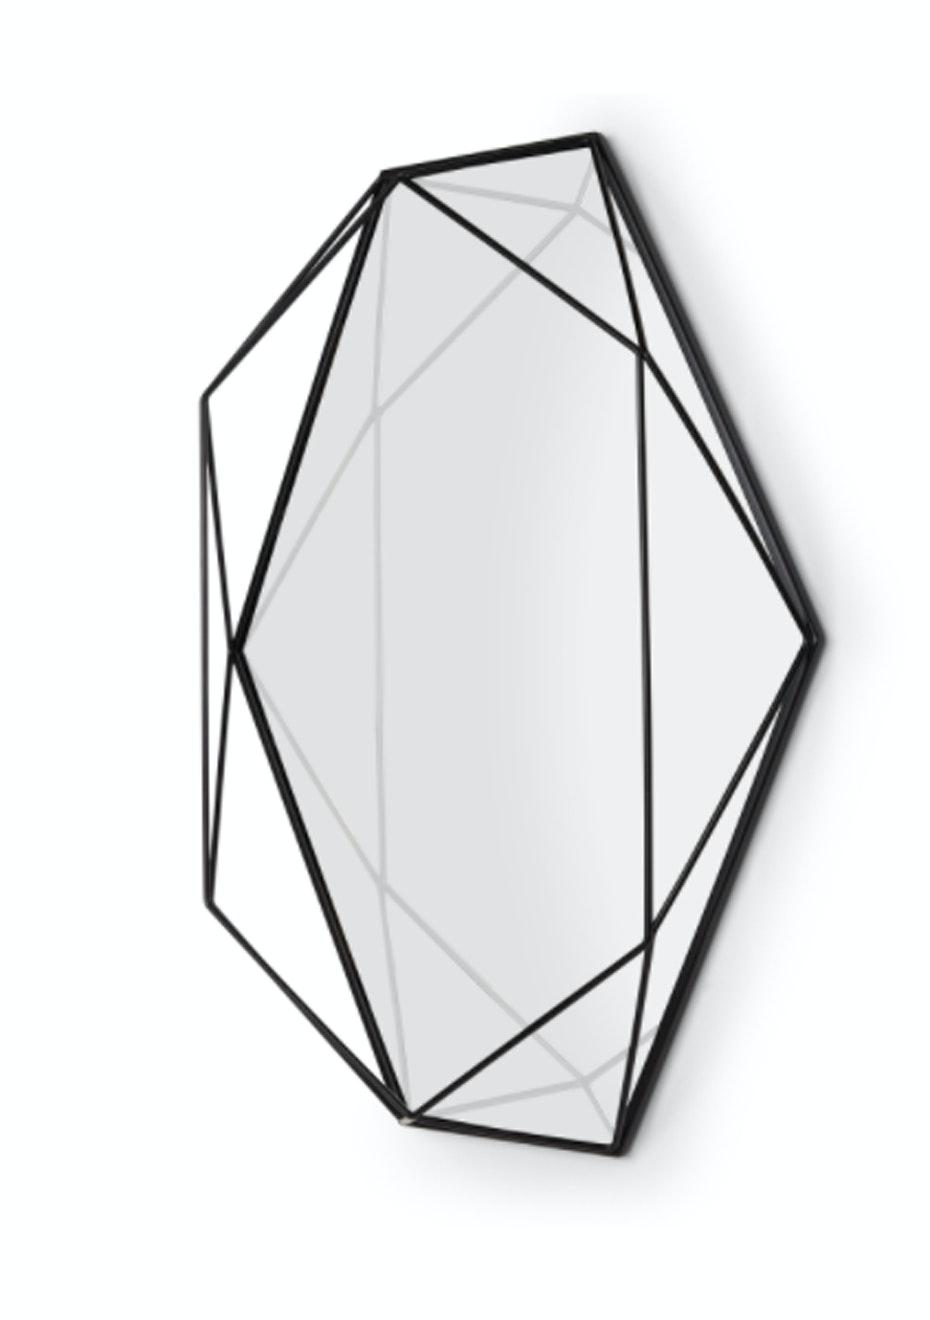 Umbra - Prisma Mirror  - Black